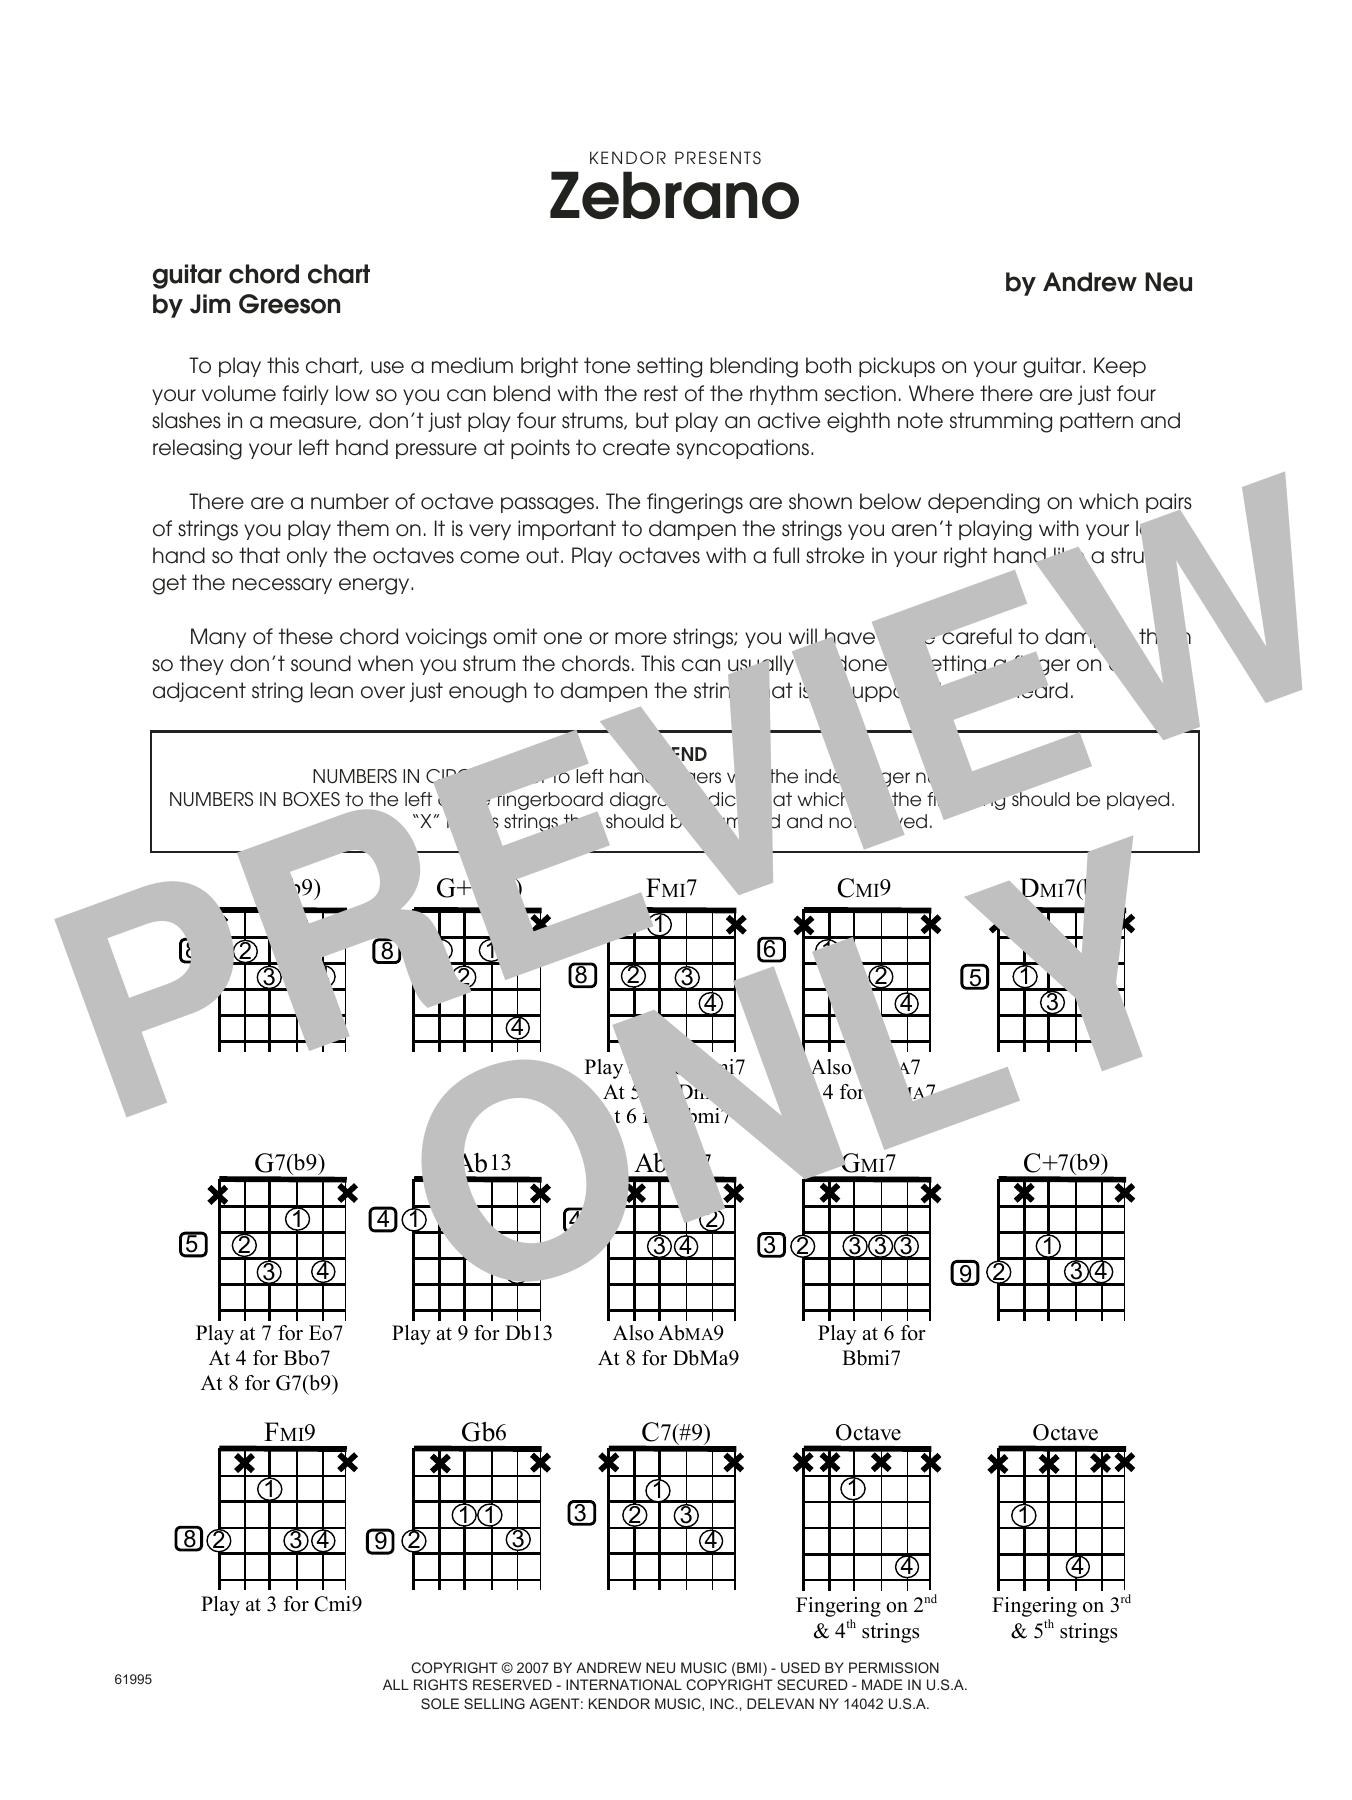 Zebrano Guitar Chord Chart Sheet Music By Andrew Neu Jazz